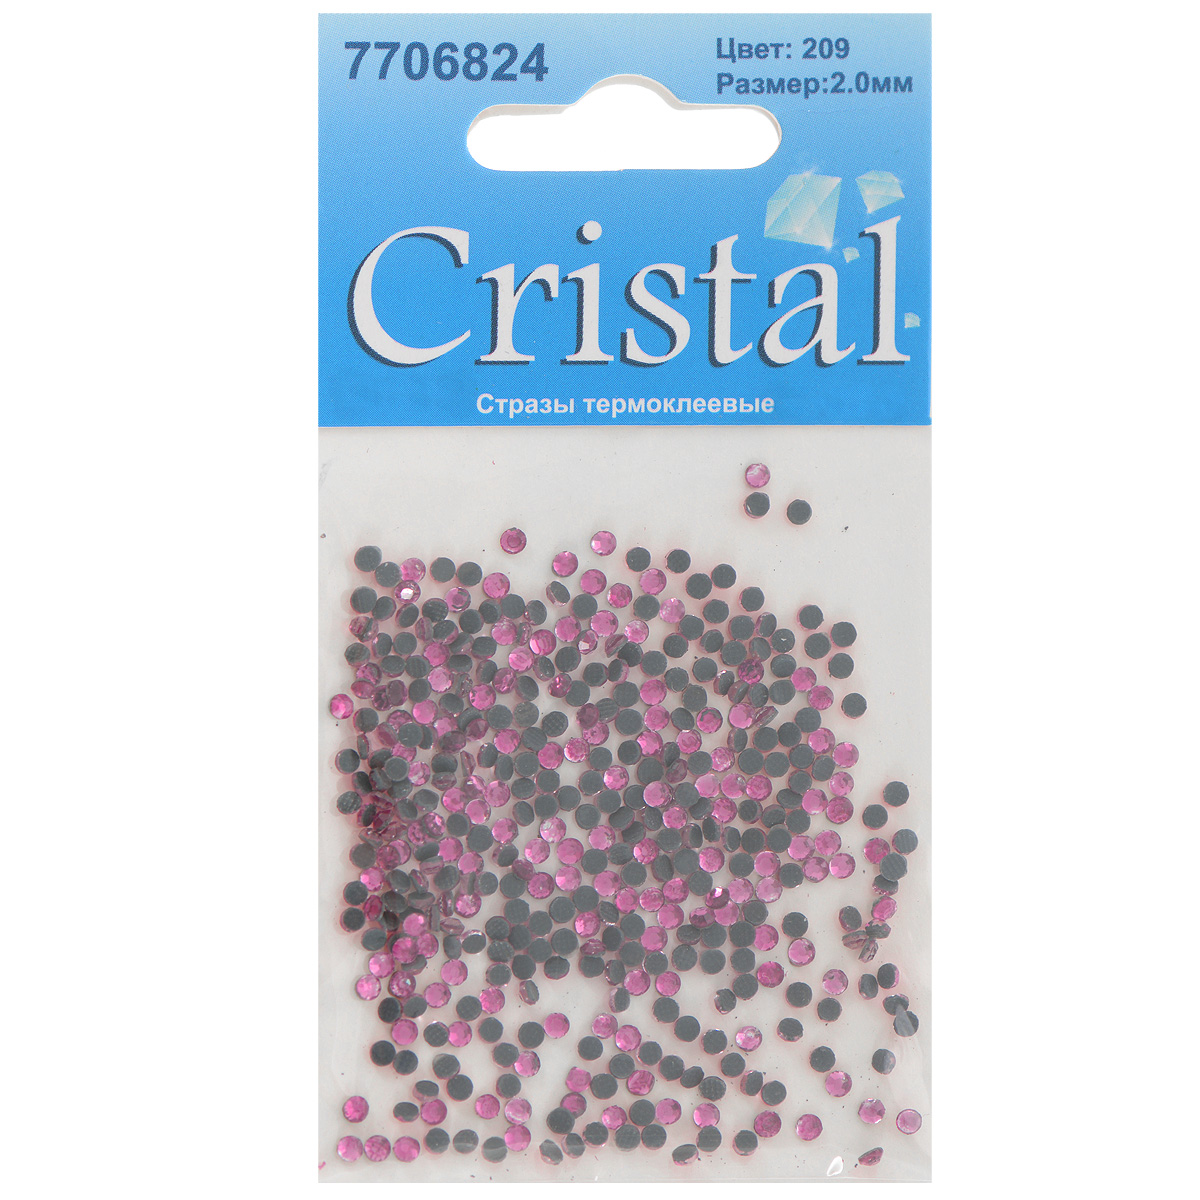 Стразы термоклеевые Cristal, цвет: розовый (209), диаметр 2 мм, 432 шт7706824_209Набор термоклеевых страз Cristal, изготовленный из высококачественного акрила, позволит вам украсить одежду, аксессуары или текстиль. Яркие стразы имеют плоское дно и круглую поверхность с гранями.Дно термоклеевых страз уже обработано особым клеем, который под воздействием высоких температур начинает плавиться, приклеиваясь, таким образом, к требуемой поверхности. Чаще всего их используют в текстильной промышленности: стразы прикладывают к ткани и проглаживают утюгом с обратной стороны. Также можно использовать специальный паяльник. Украшение стразами поможет сделать любую вещь оригинальной и неповторимой. Диаметр страз: 2 мм.